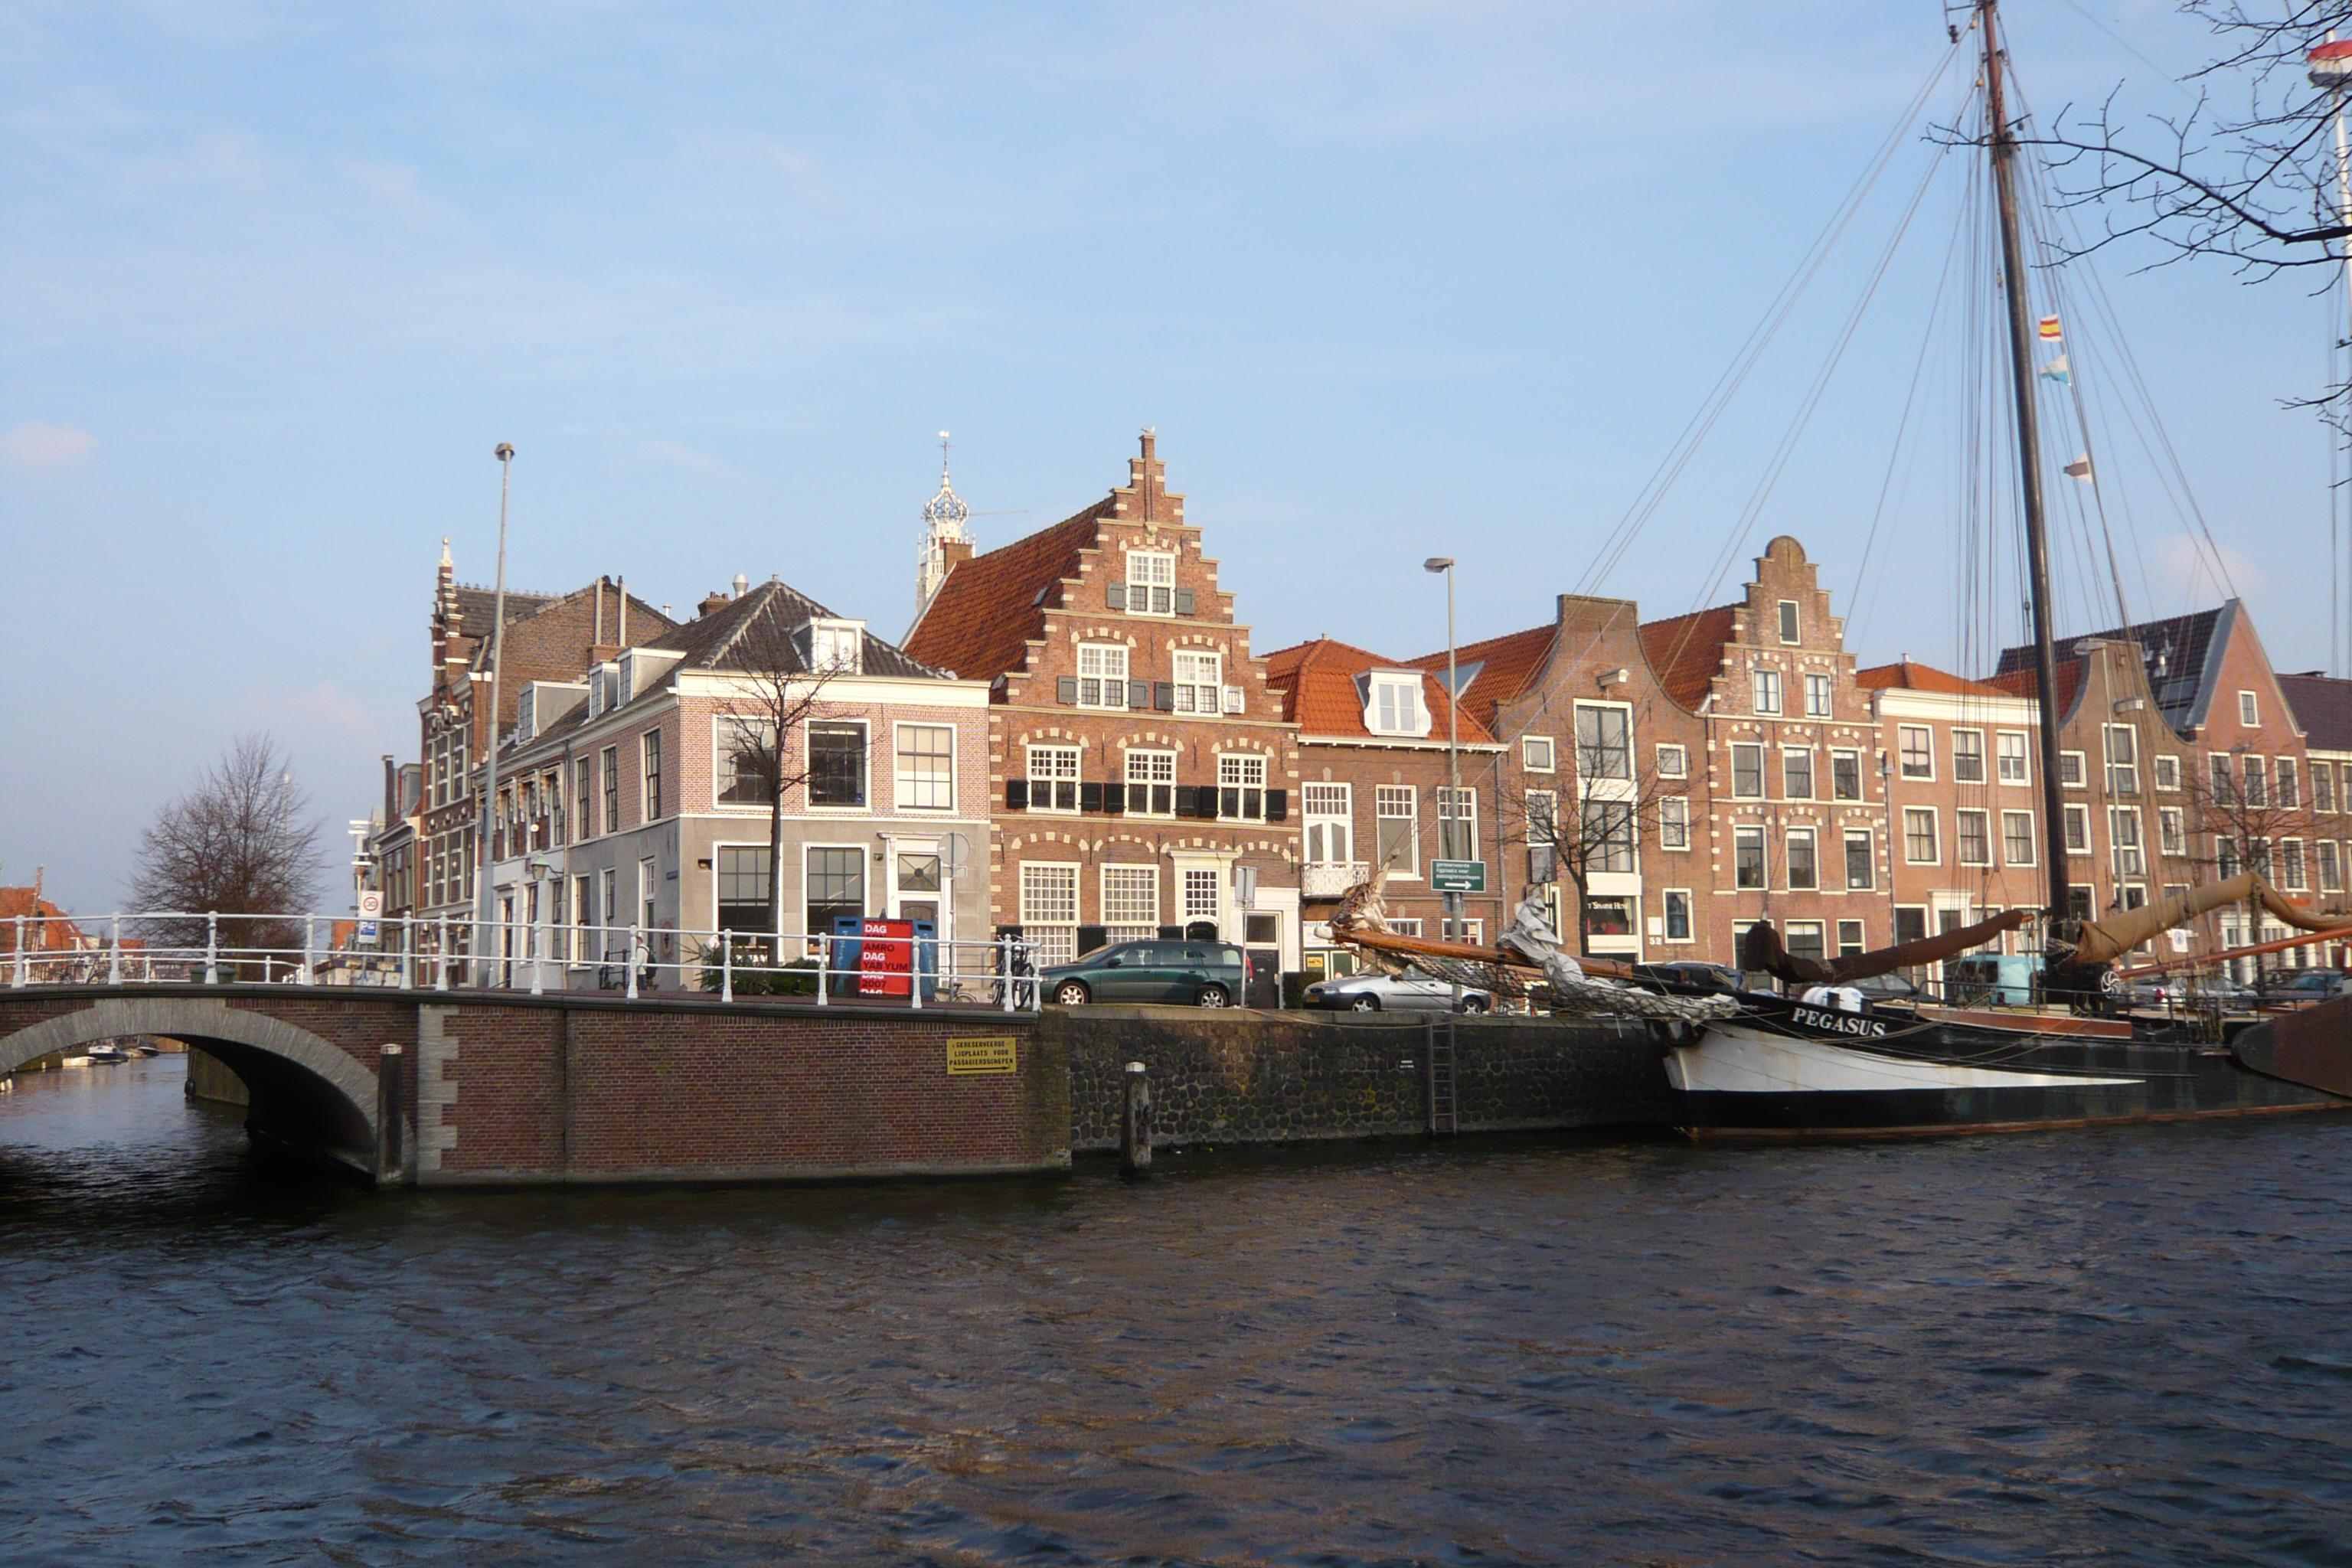 File Haarlem Donkere Spaarne vanaf Het Spaarne jpg  Wikimedia Commons